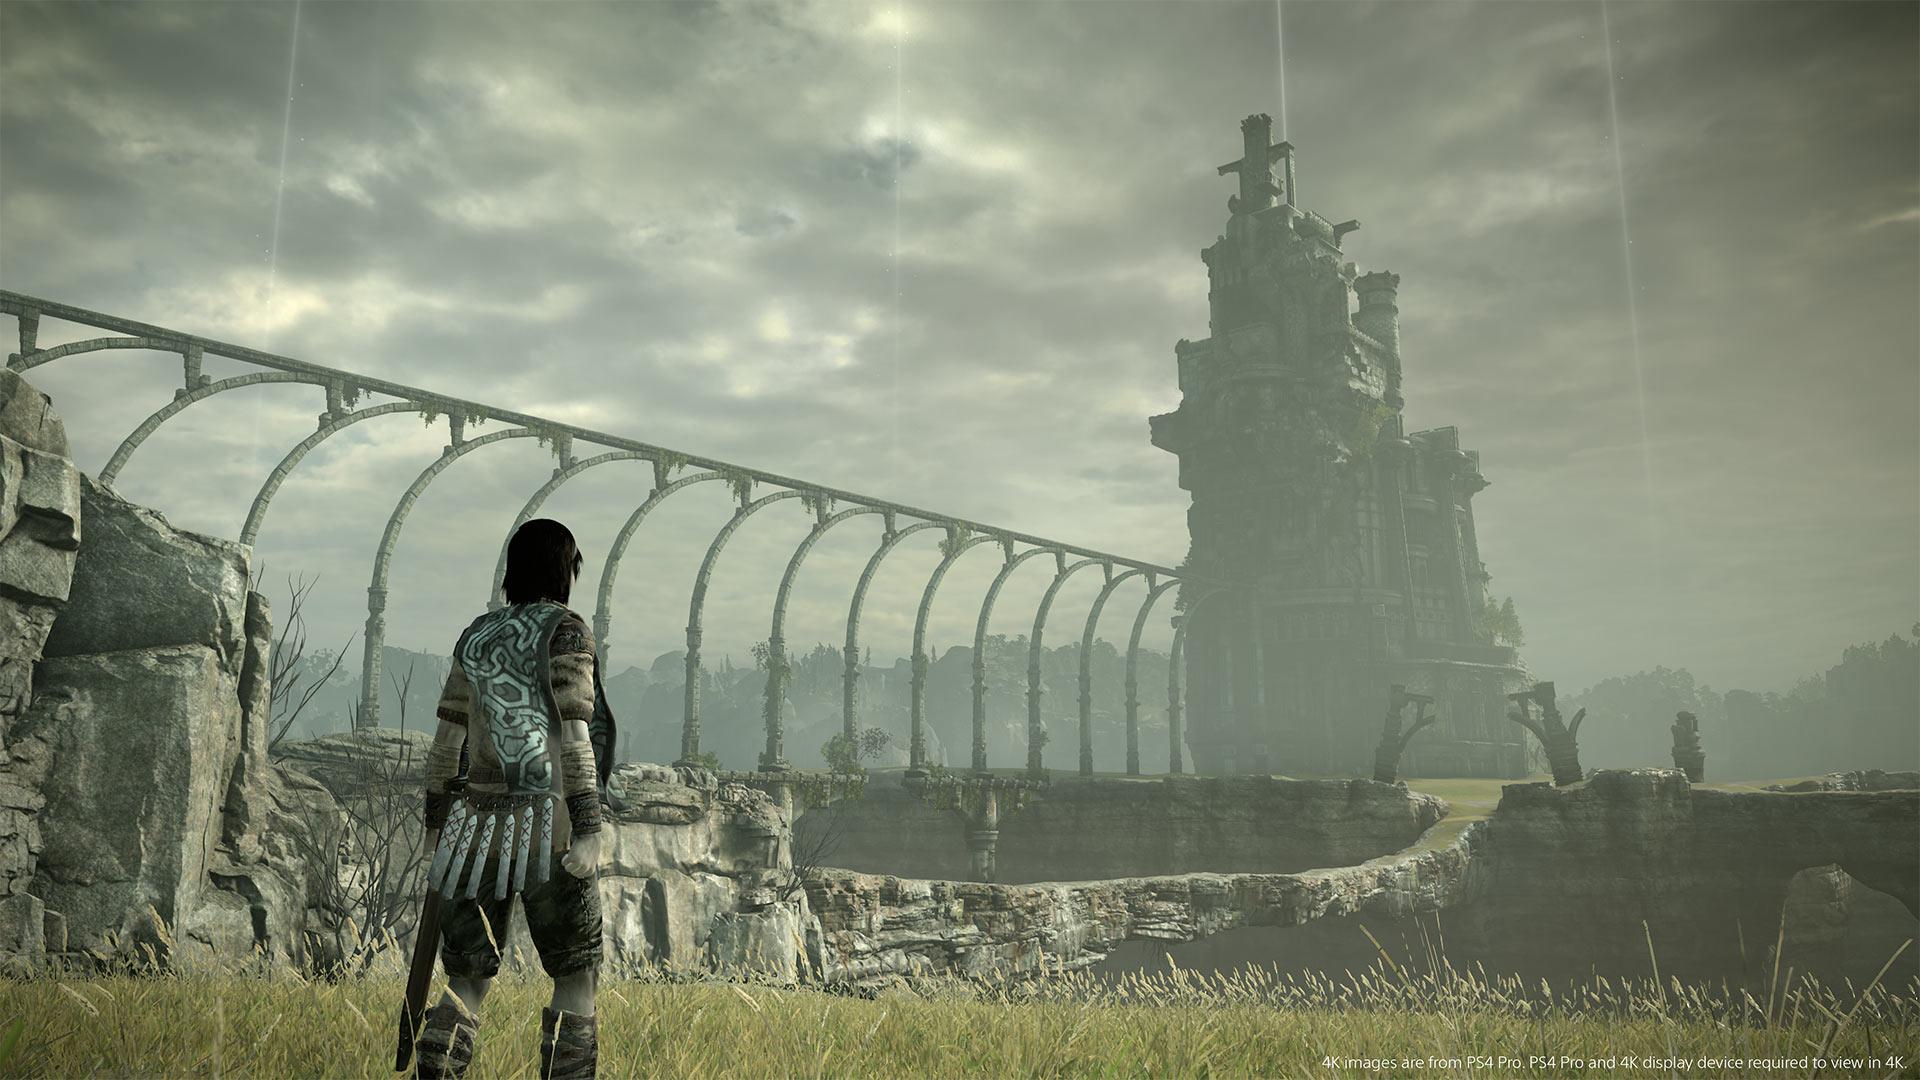 Um homem olha para uma torre distante, ele está usando armadura e tem cabelos pretos. Ele está nas ruínas de um castelo, com gramado verde no chão e muros de pedra cinza na extensão do caminho até a distante torre